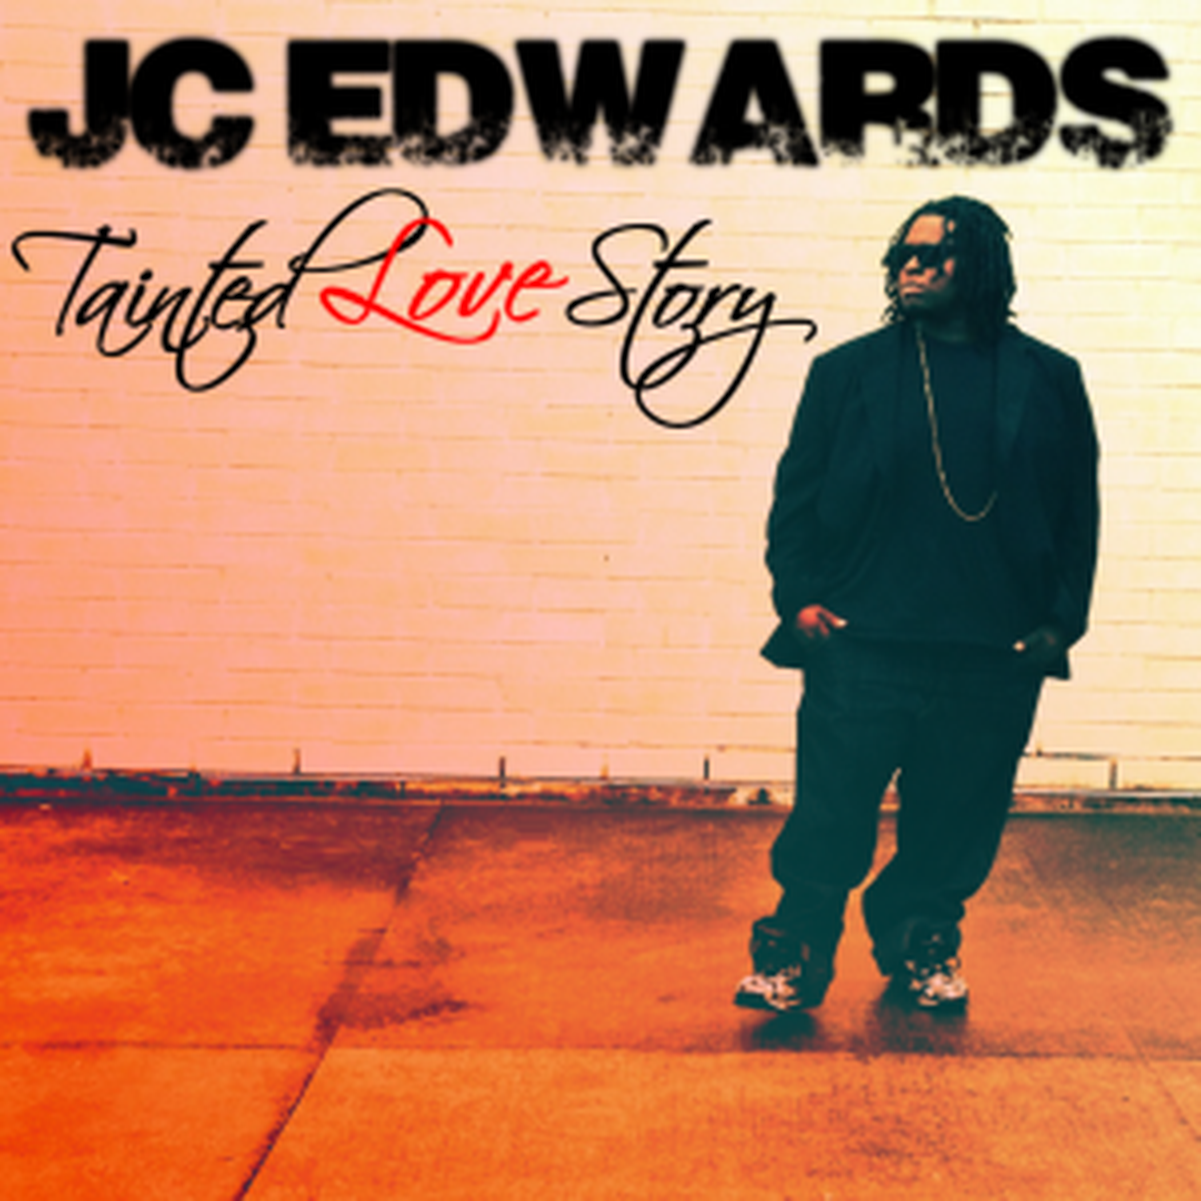 JC Edwards